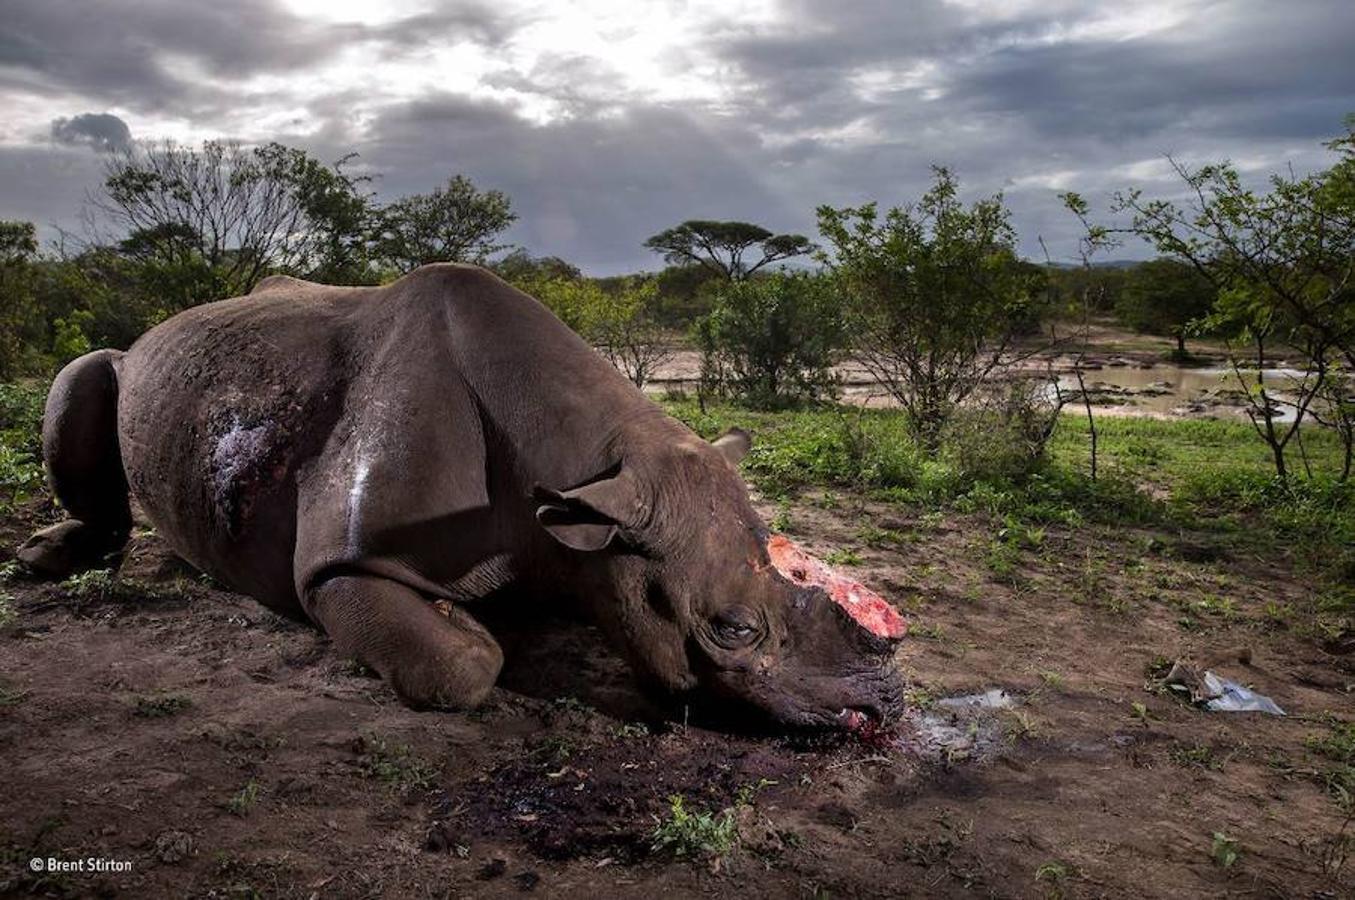 Este rinoceronte ha ganado el premio principal del concurso